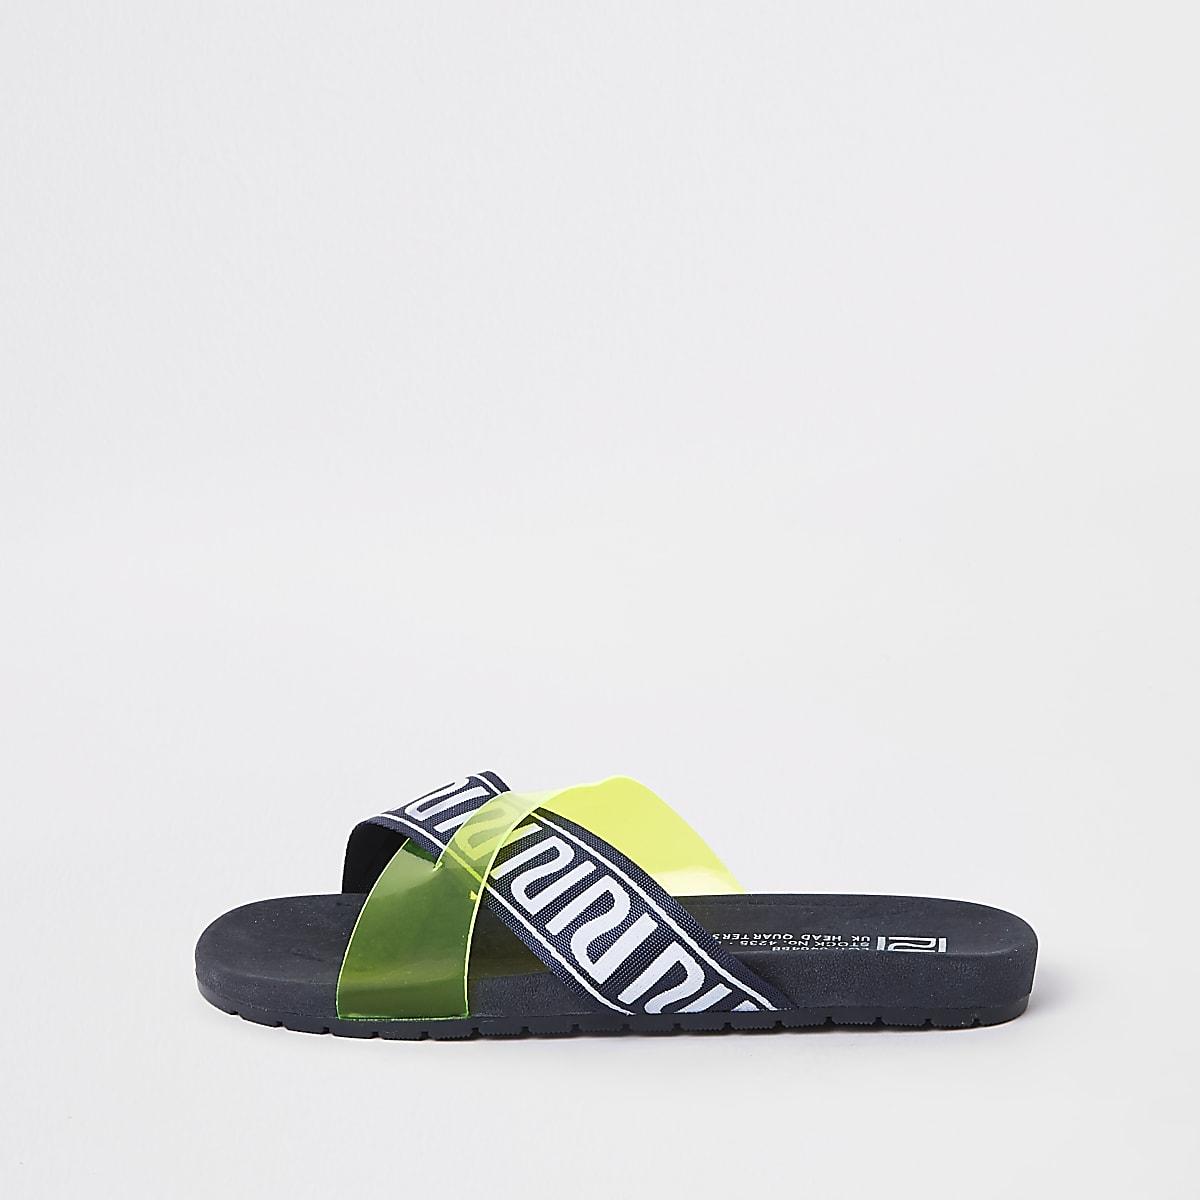 e76ada4200fa9d Gele slippers met RI-logo voor jongens - Sandalen - Schoenen - Jongens